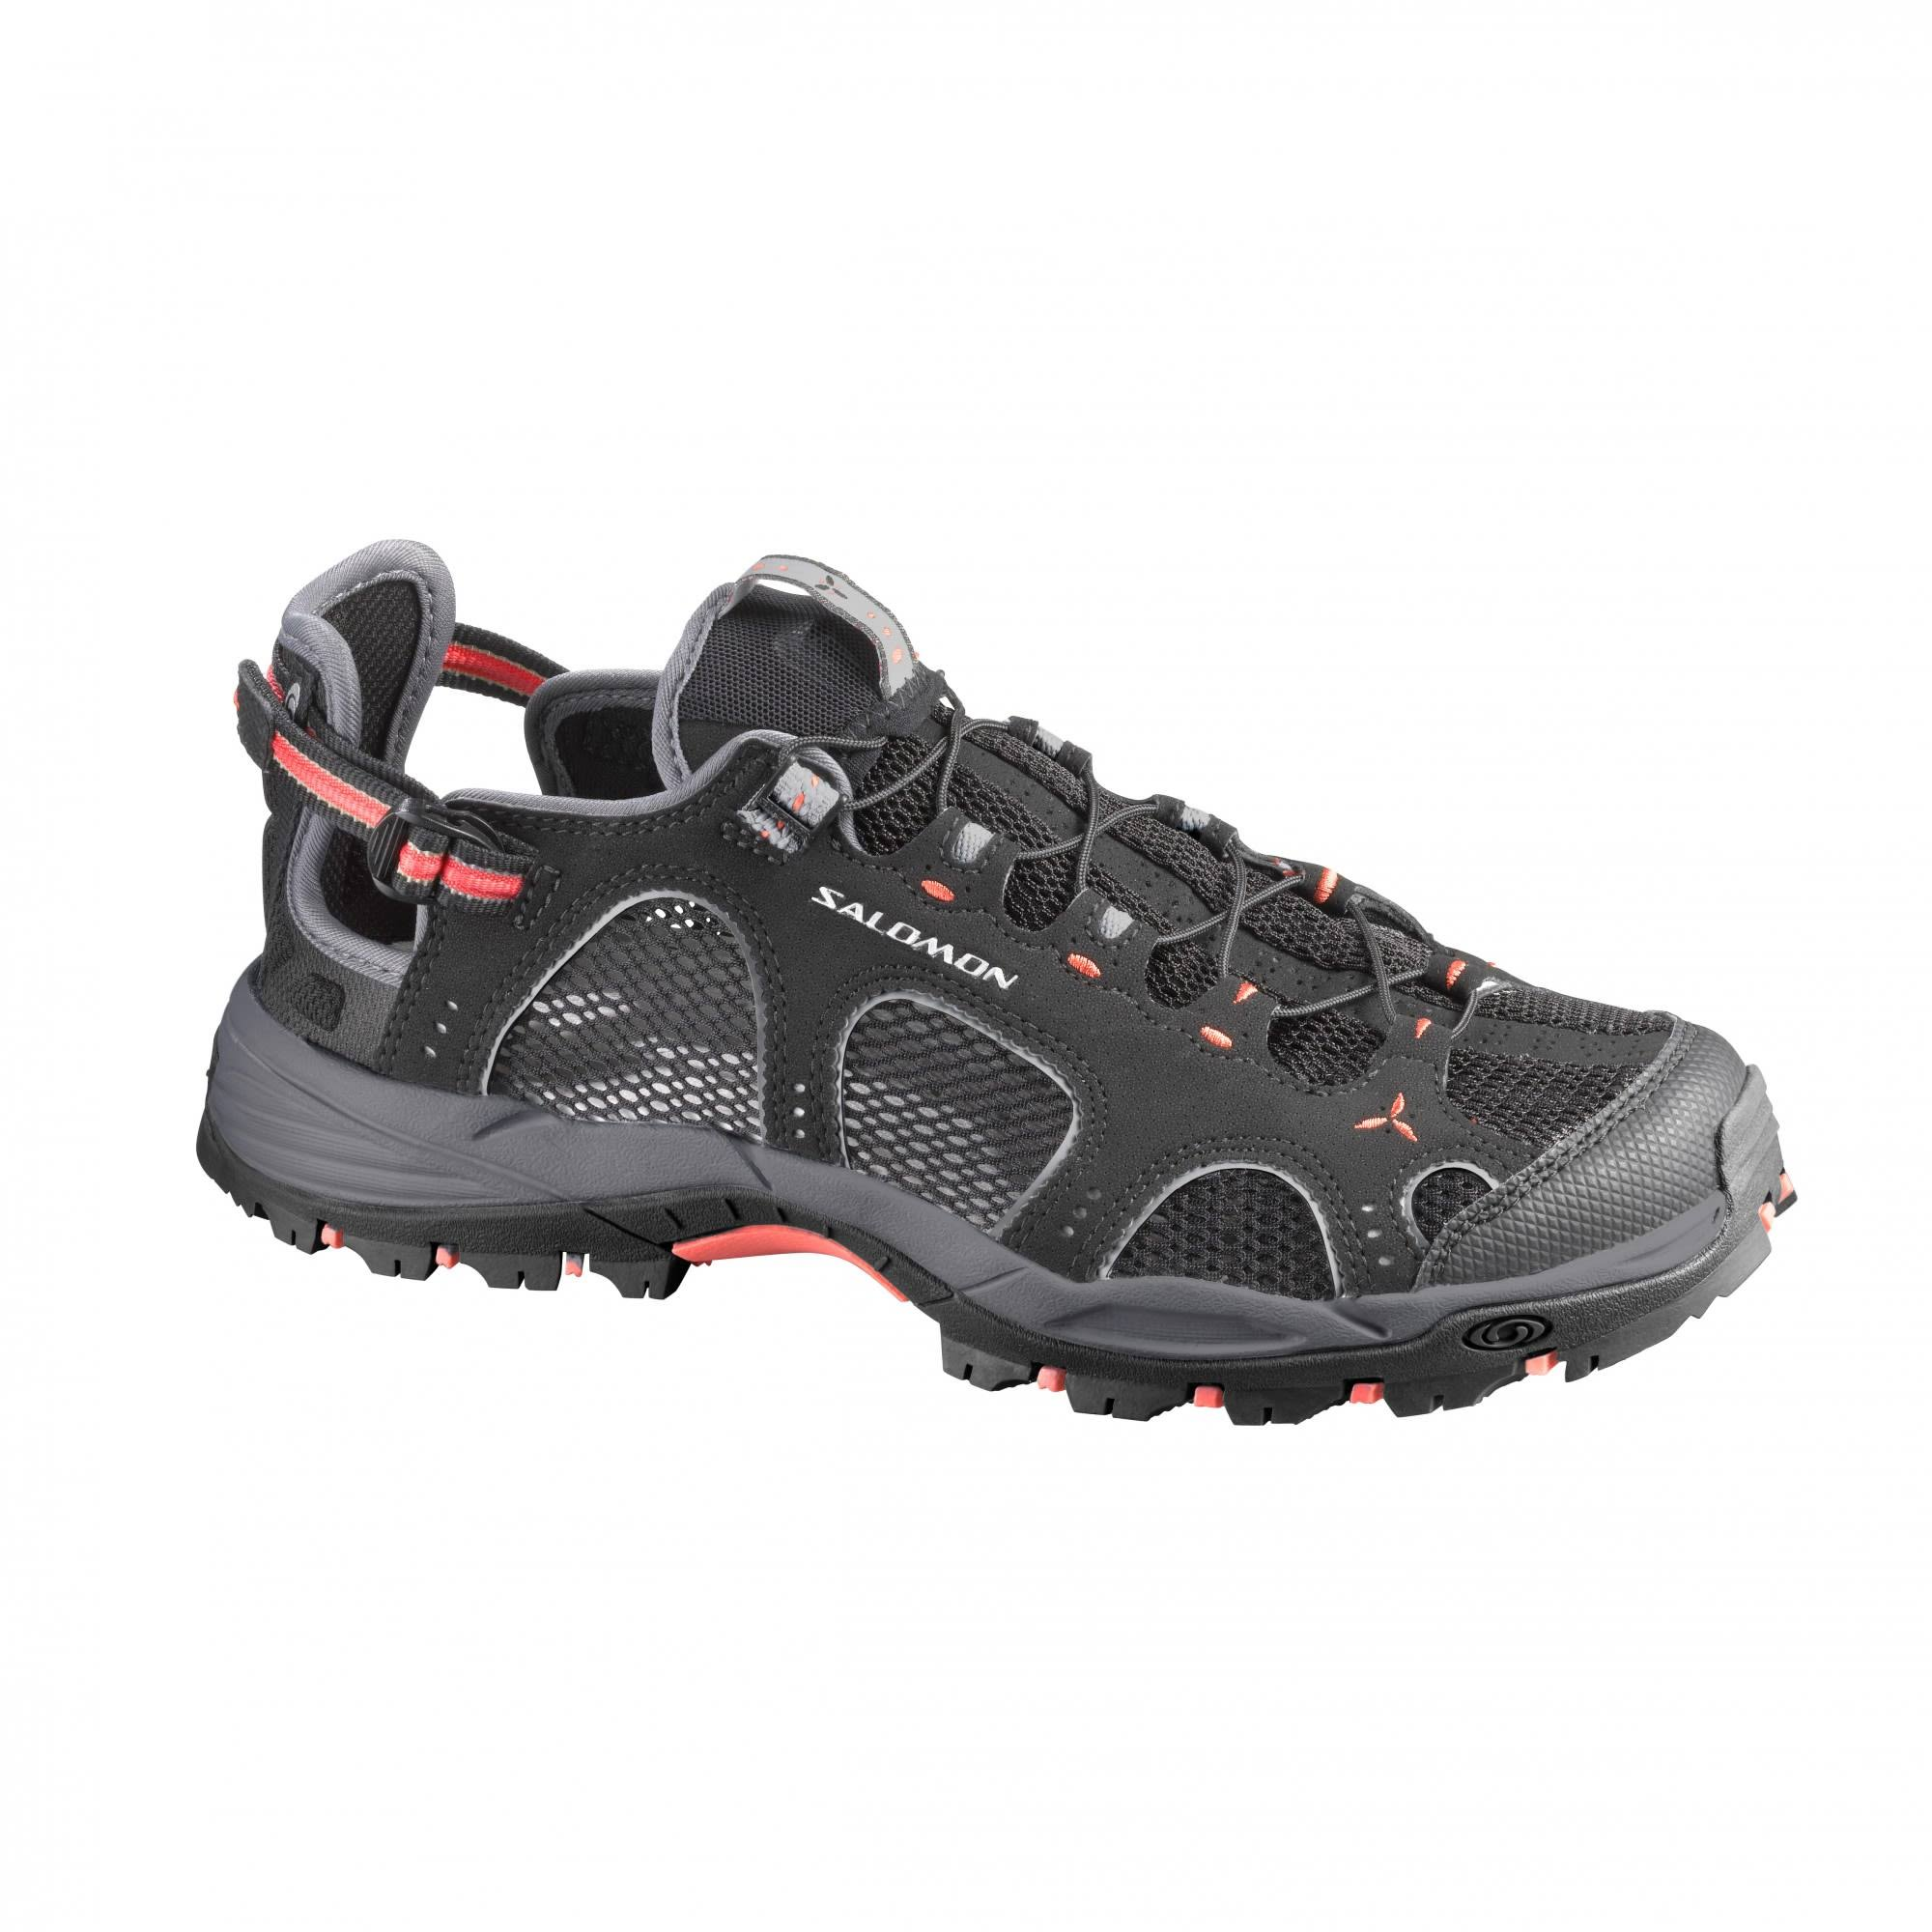 size 36 Dark Black Eu Techamphibian Papaya Color 3 2 Cloud Grey Salomon Sneakers 3 Womens 7dXYWx00Pa